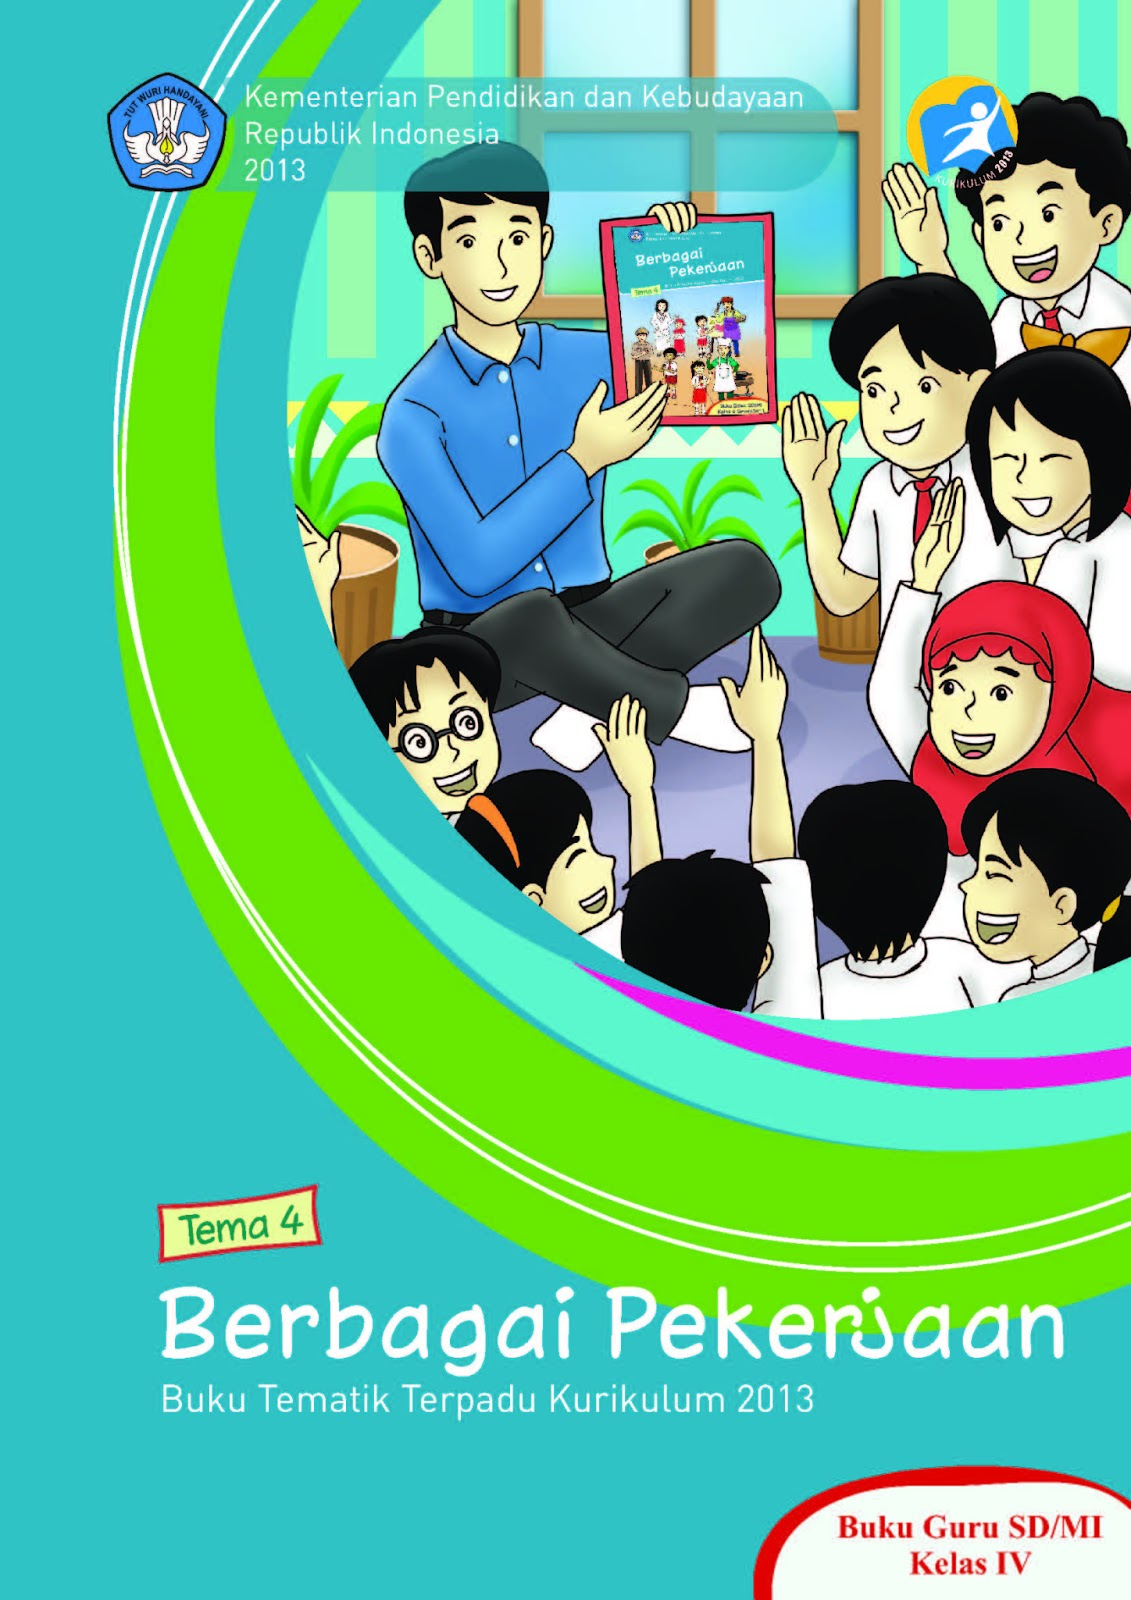 2013 Untuk SD | Download Buku Bse Kurikulum 2013 Sd Kelas 4 Tematik